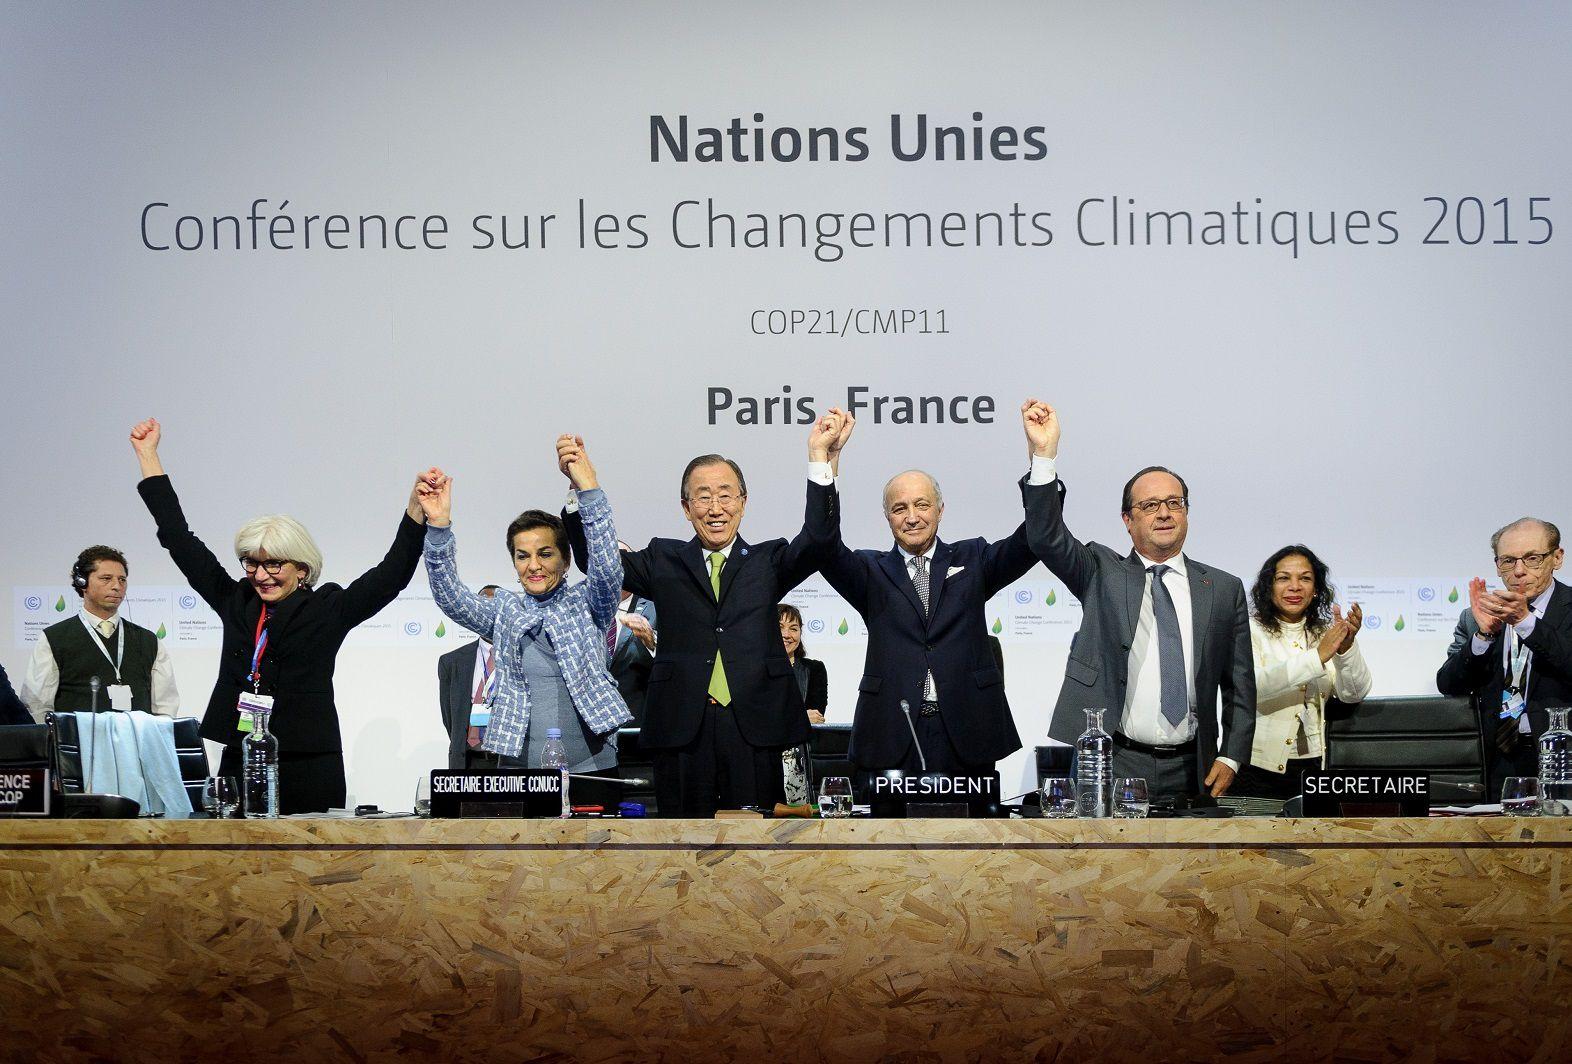 США начали выход  из климатического  соглашения